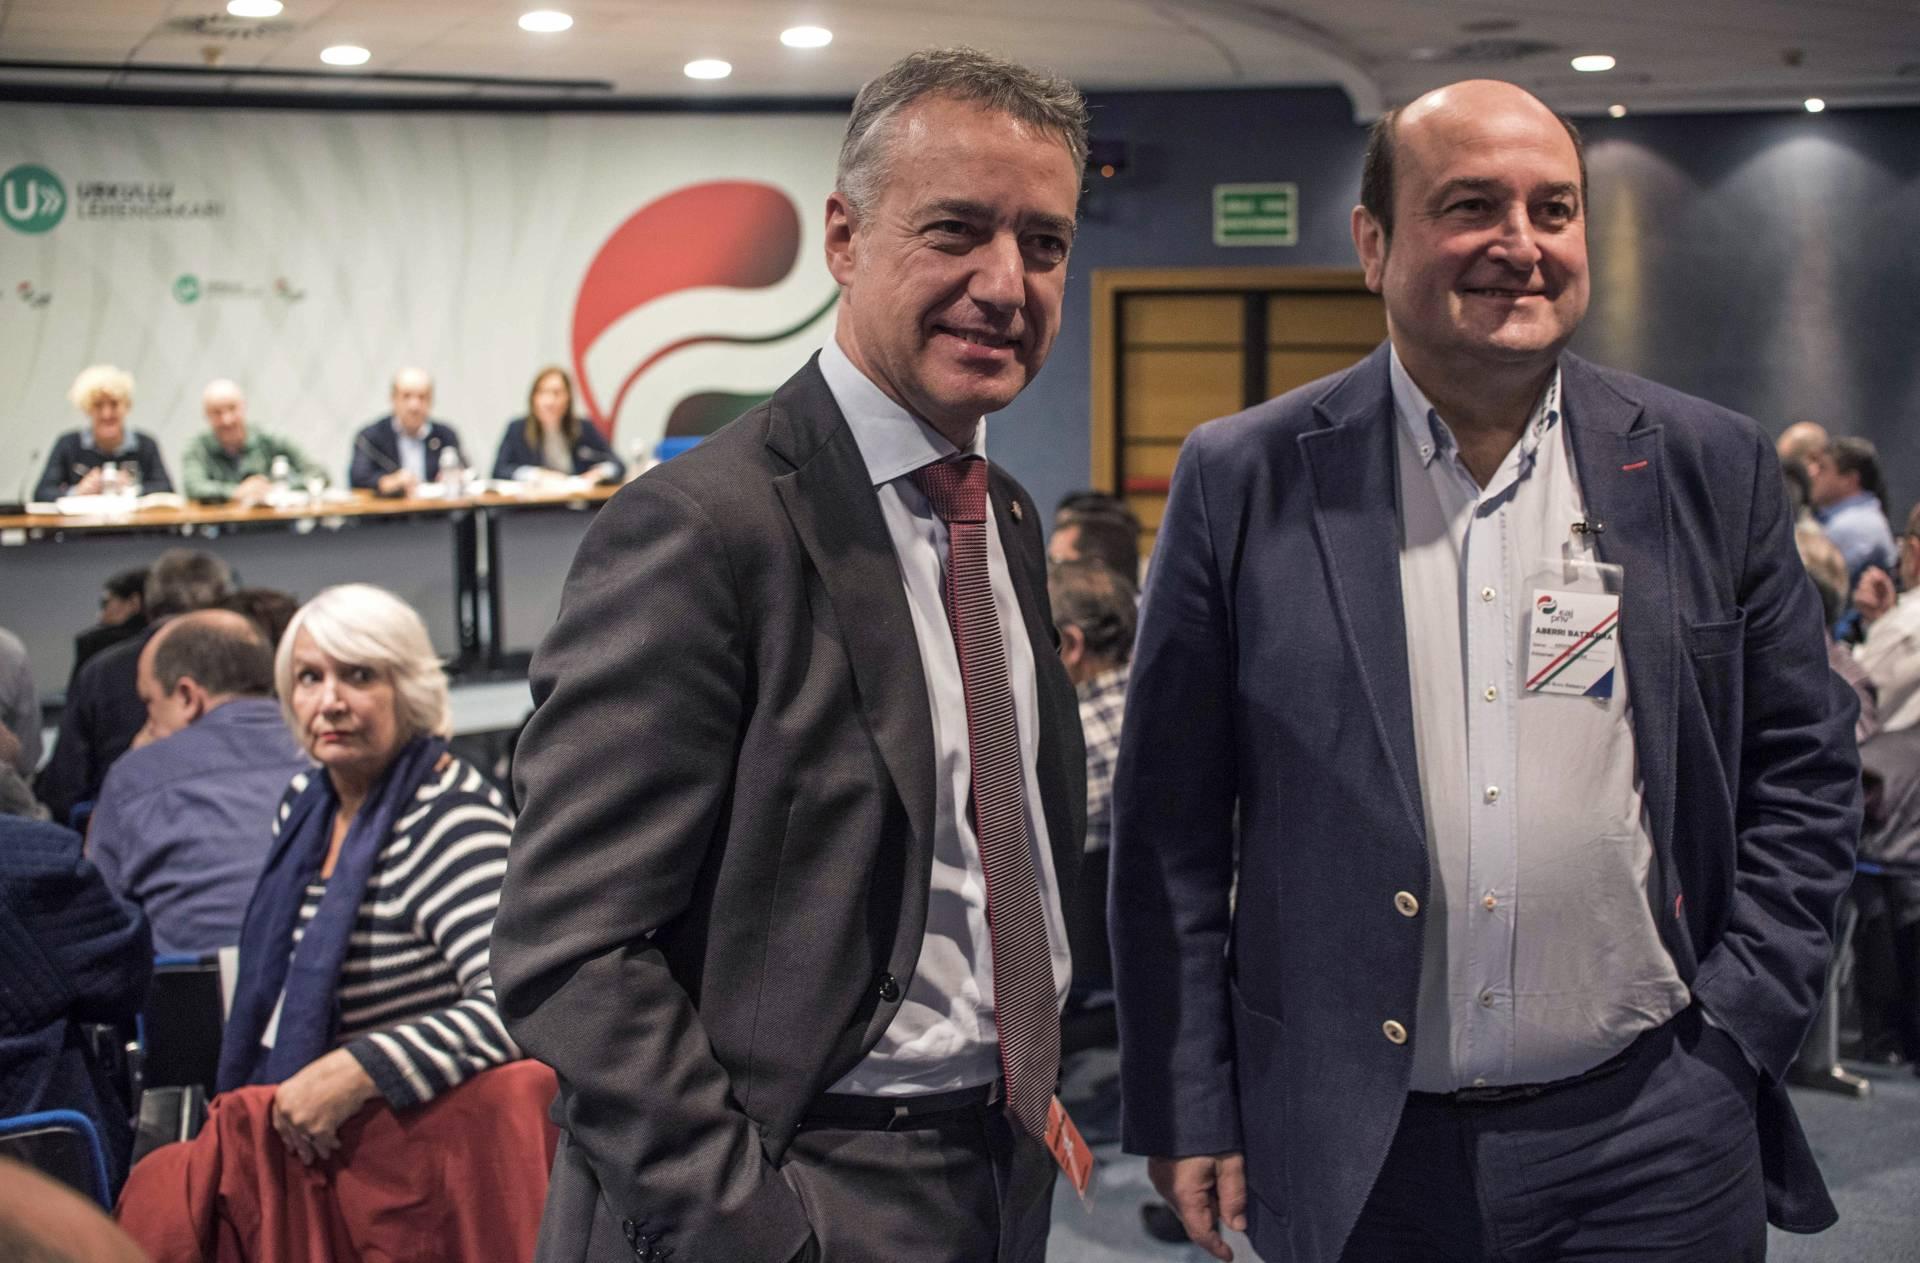 El lehendakari Iñigo Urkullu y el presidente del PNV, Andoni Ortuzar, durante la Asamblea Nacional del PNV.